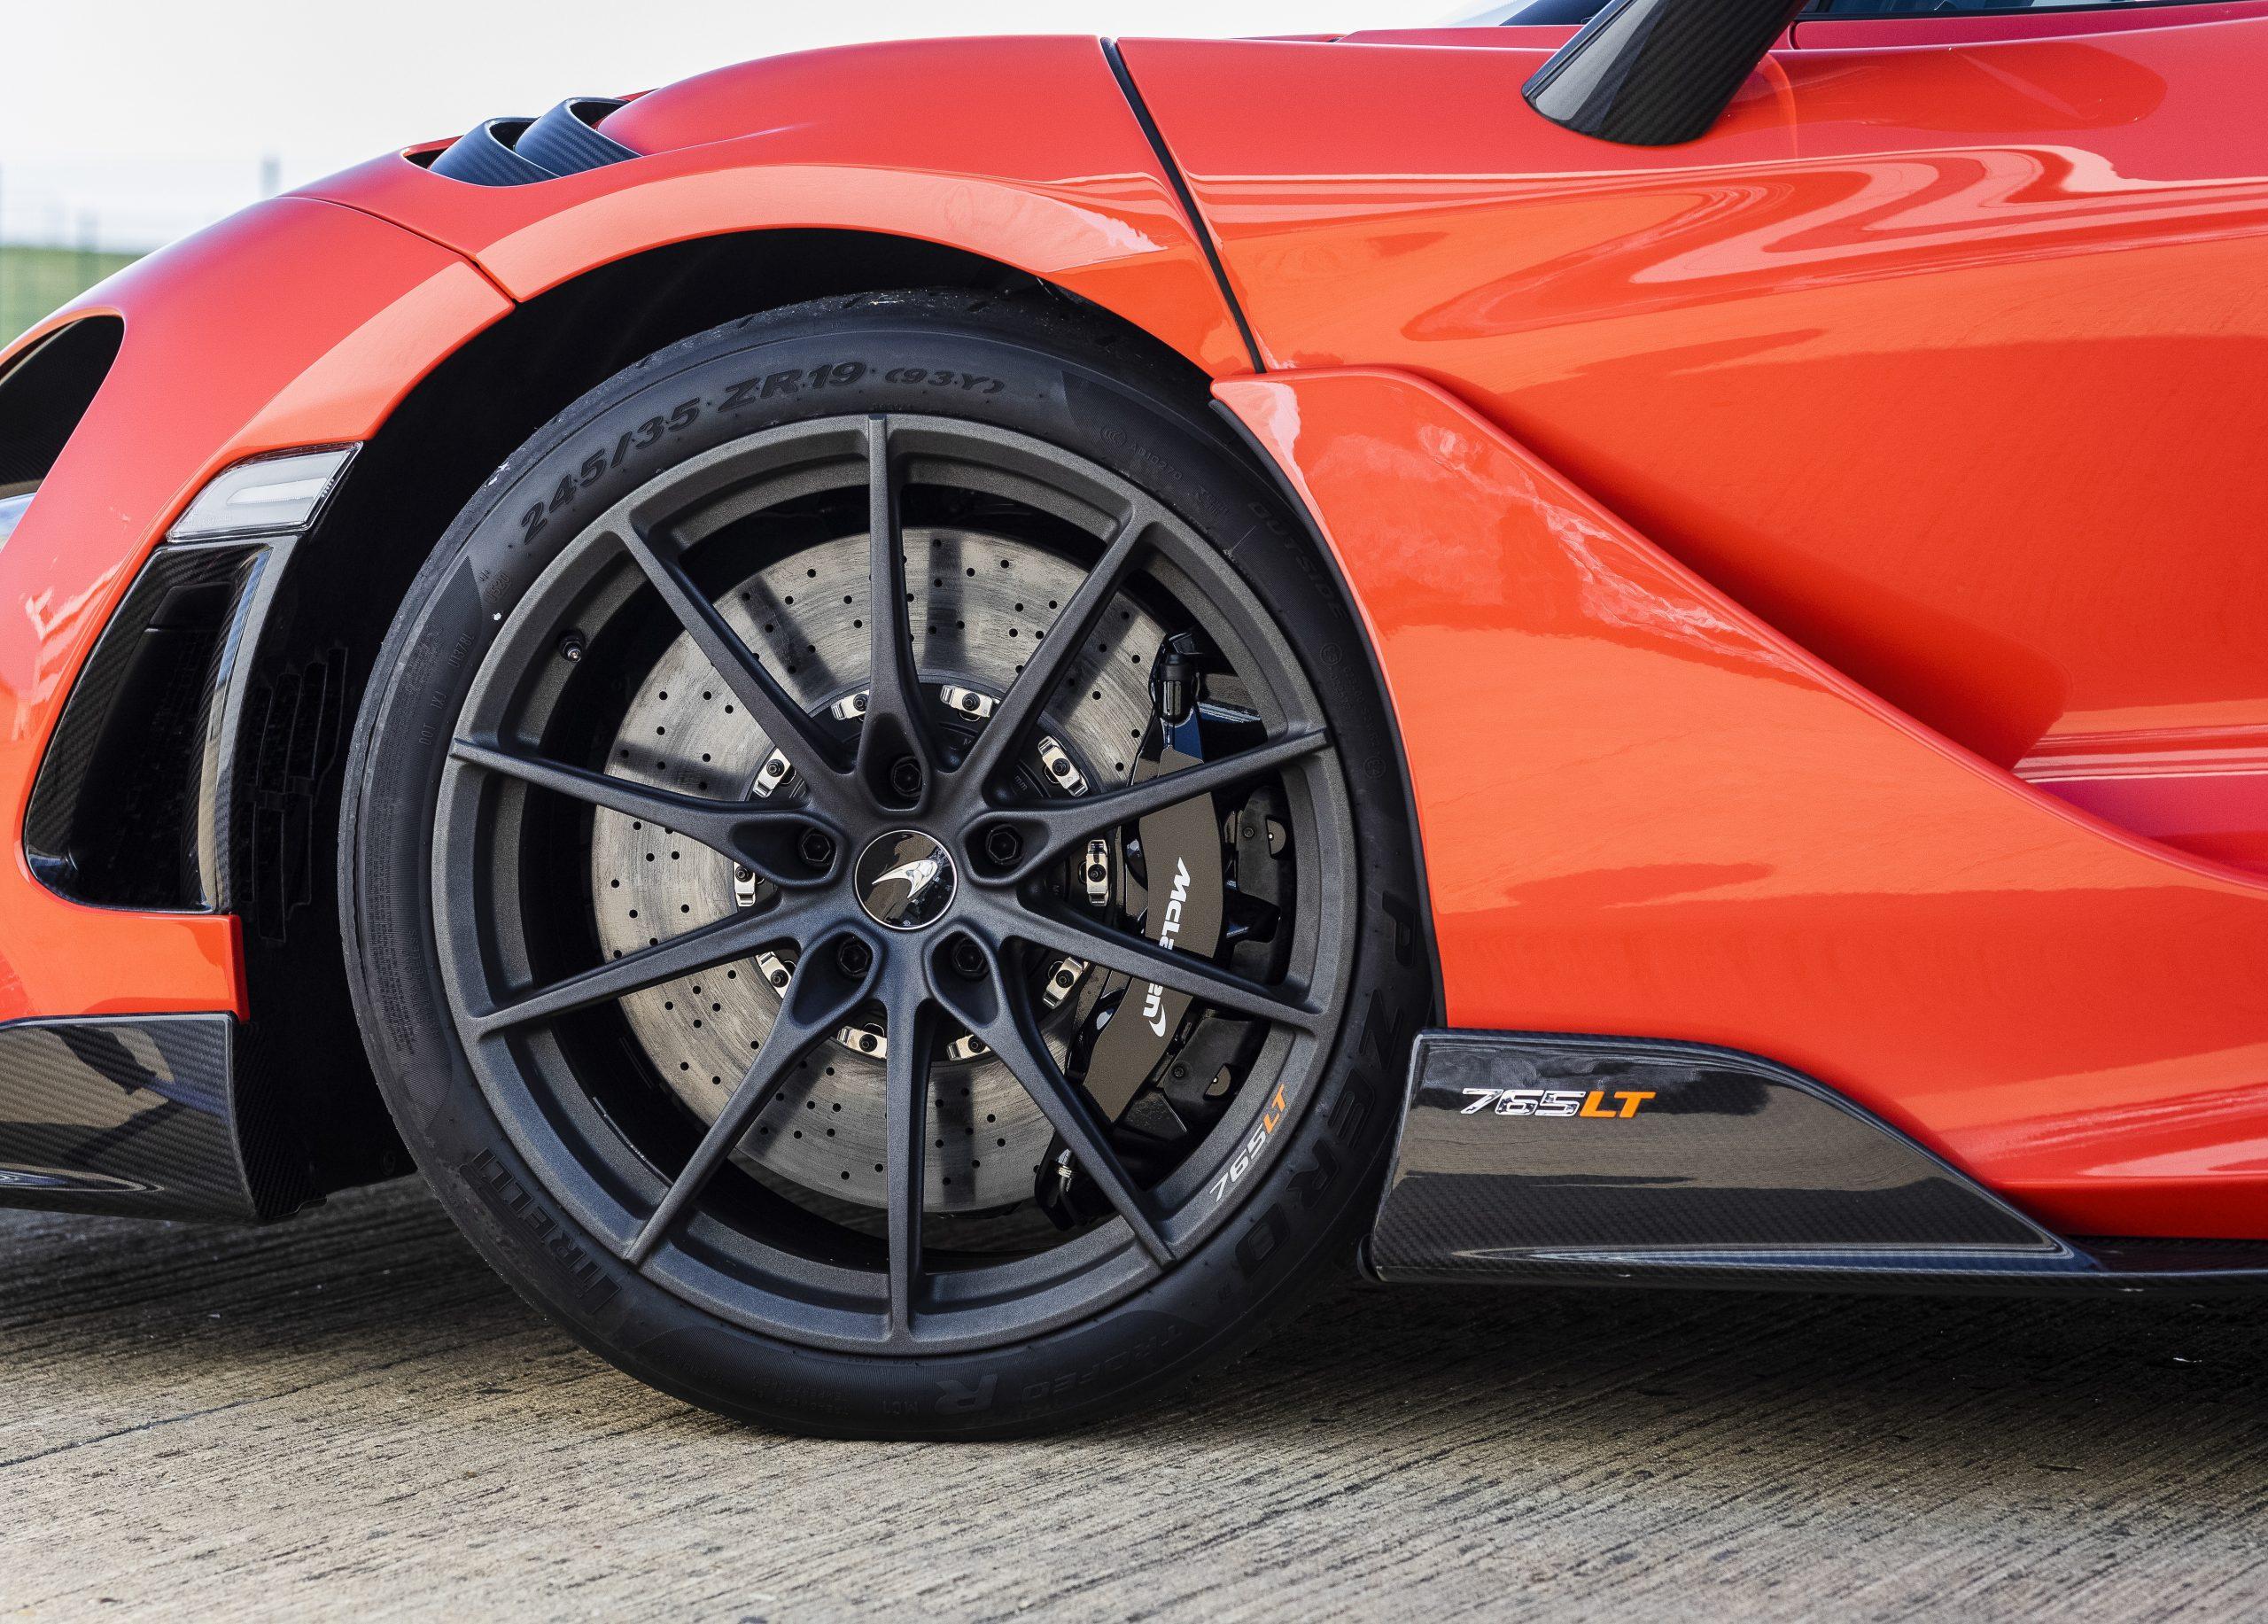 2021 McLaren 765LT Wheel and Brake